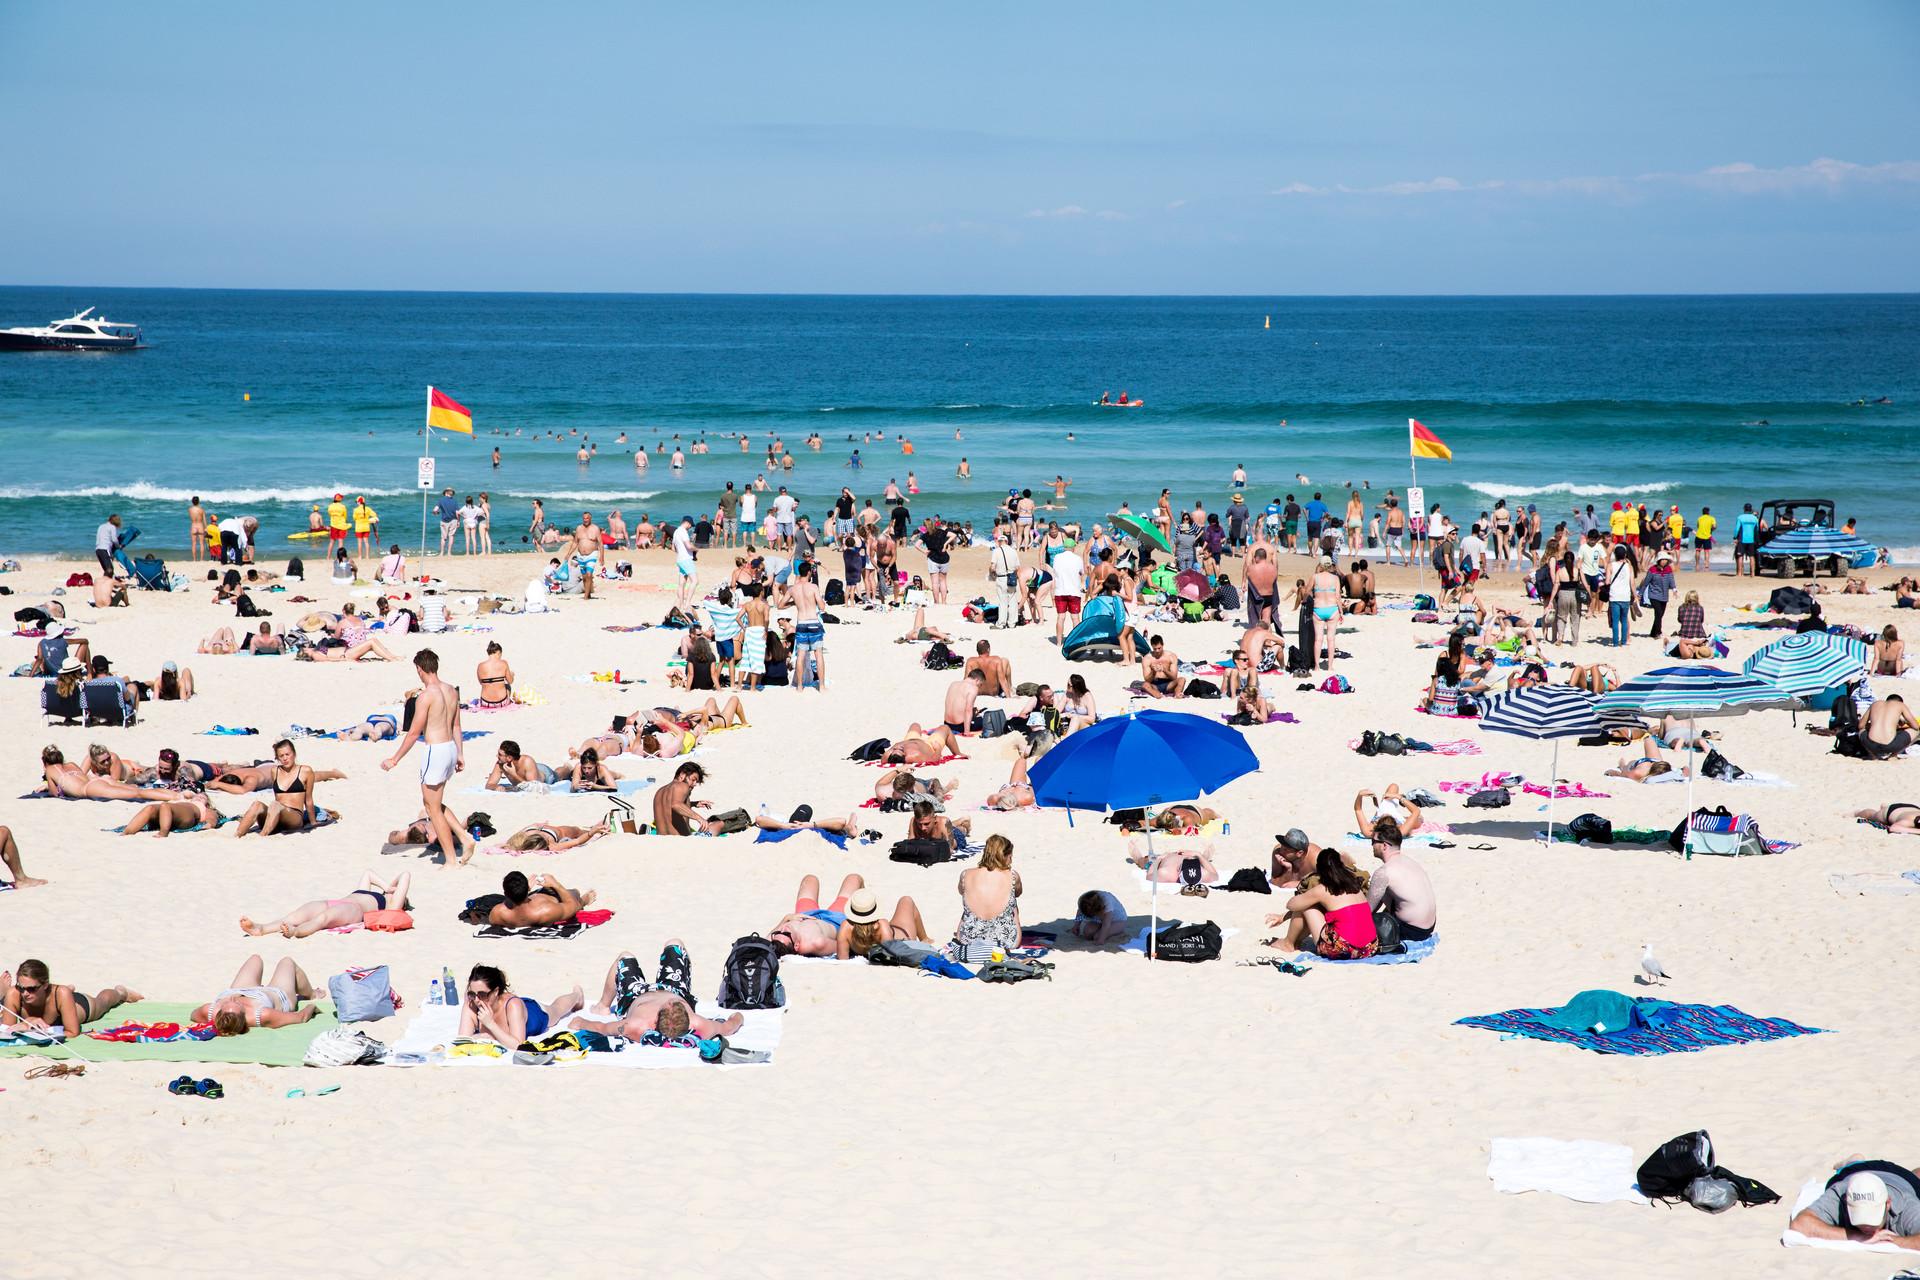 Bondi Beach, classic summer day